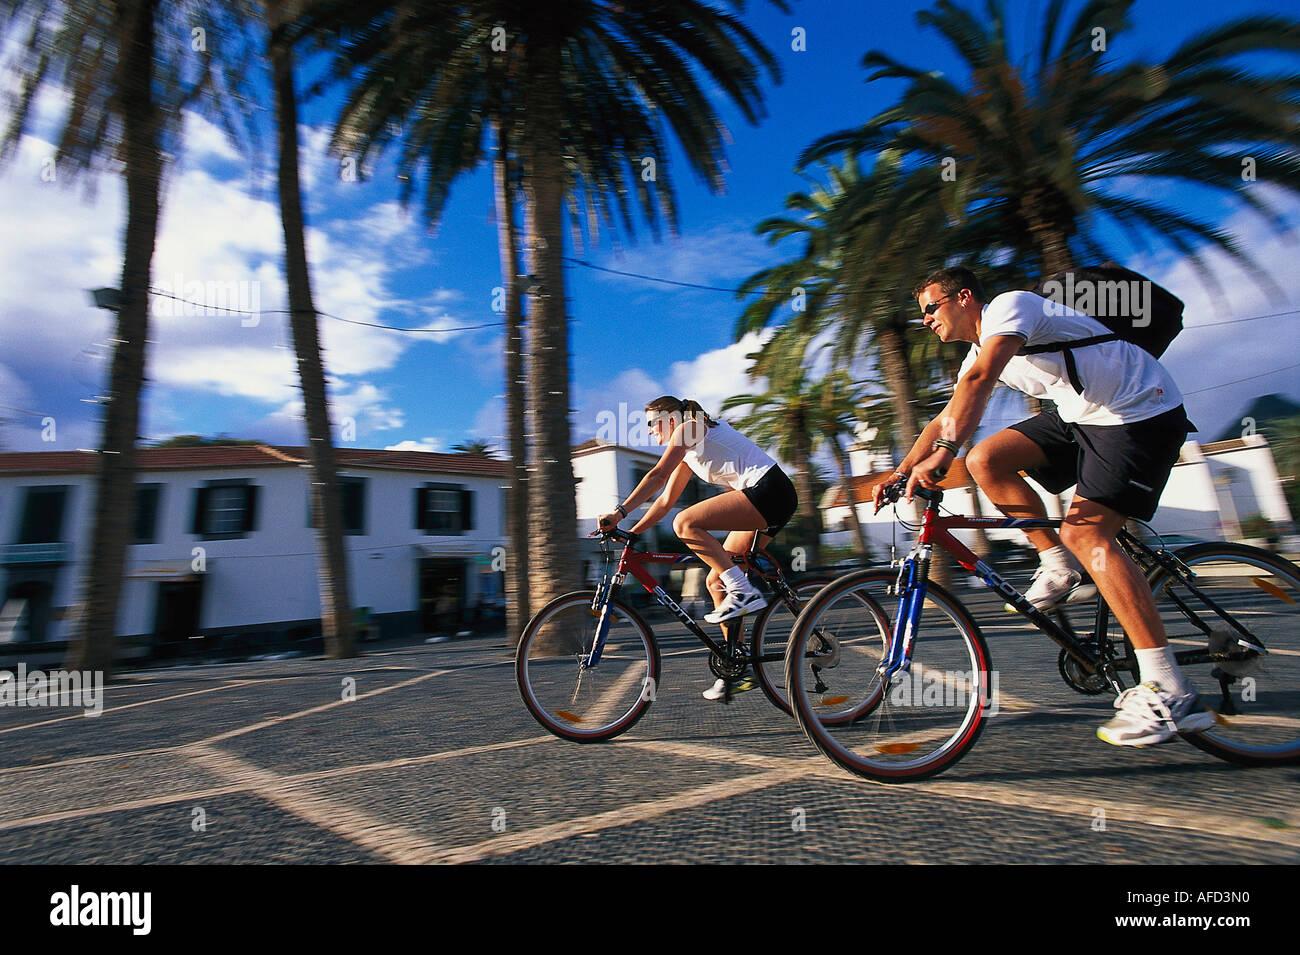 Two Mountain bikers in Villa Baleira, Porto Santo, Madeira, Portugal - Stock Image